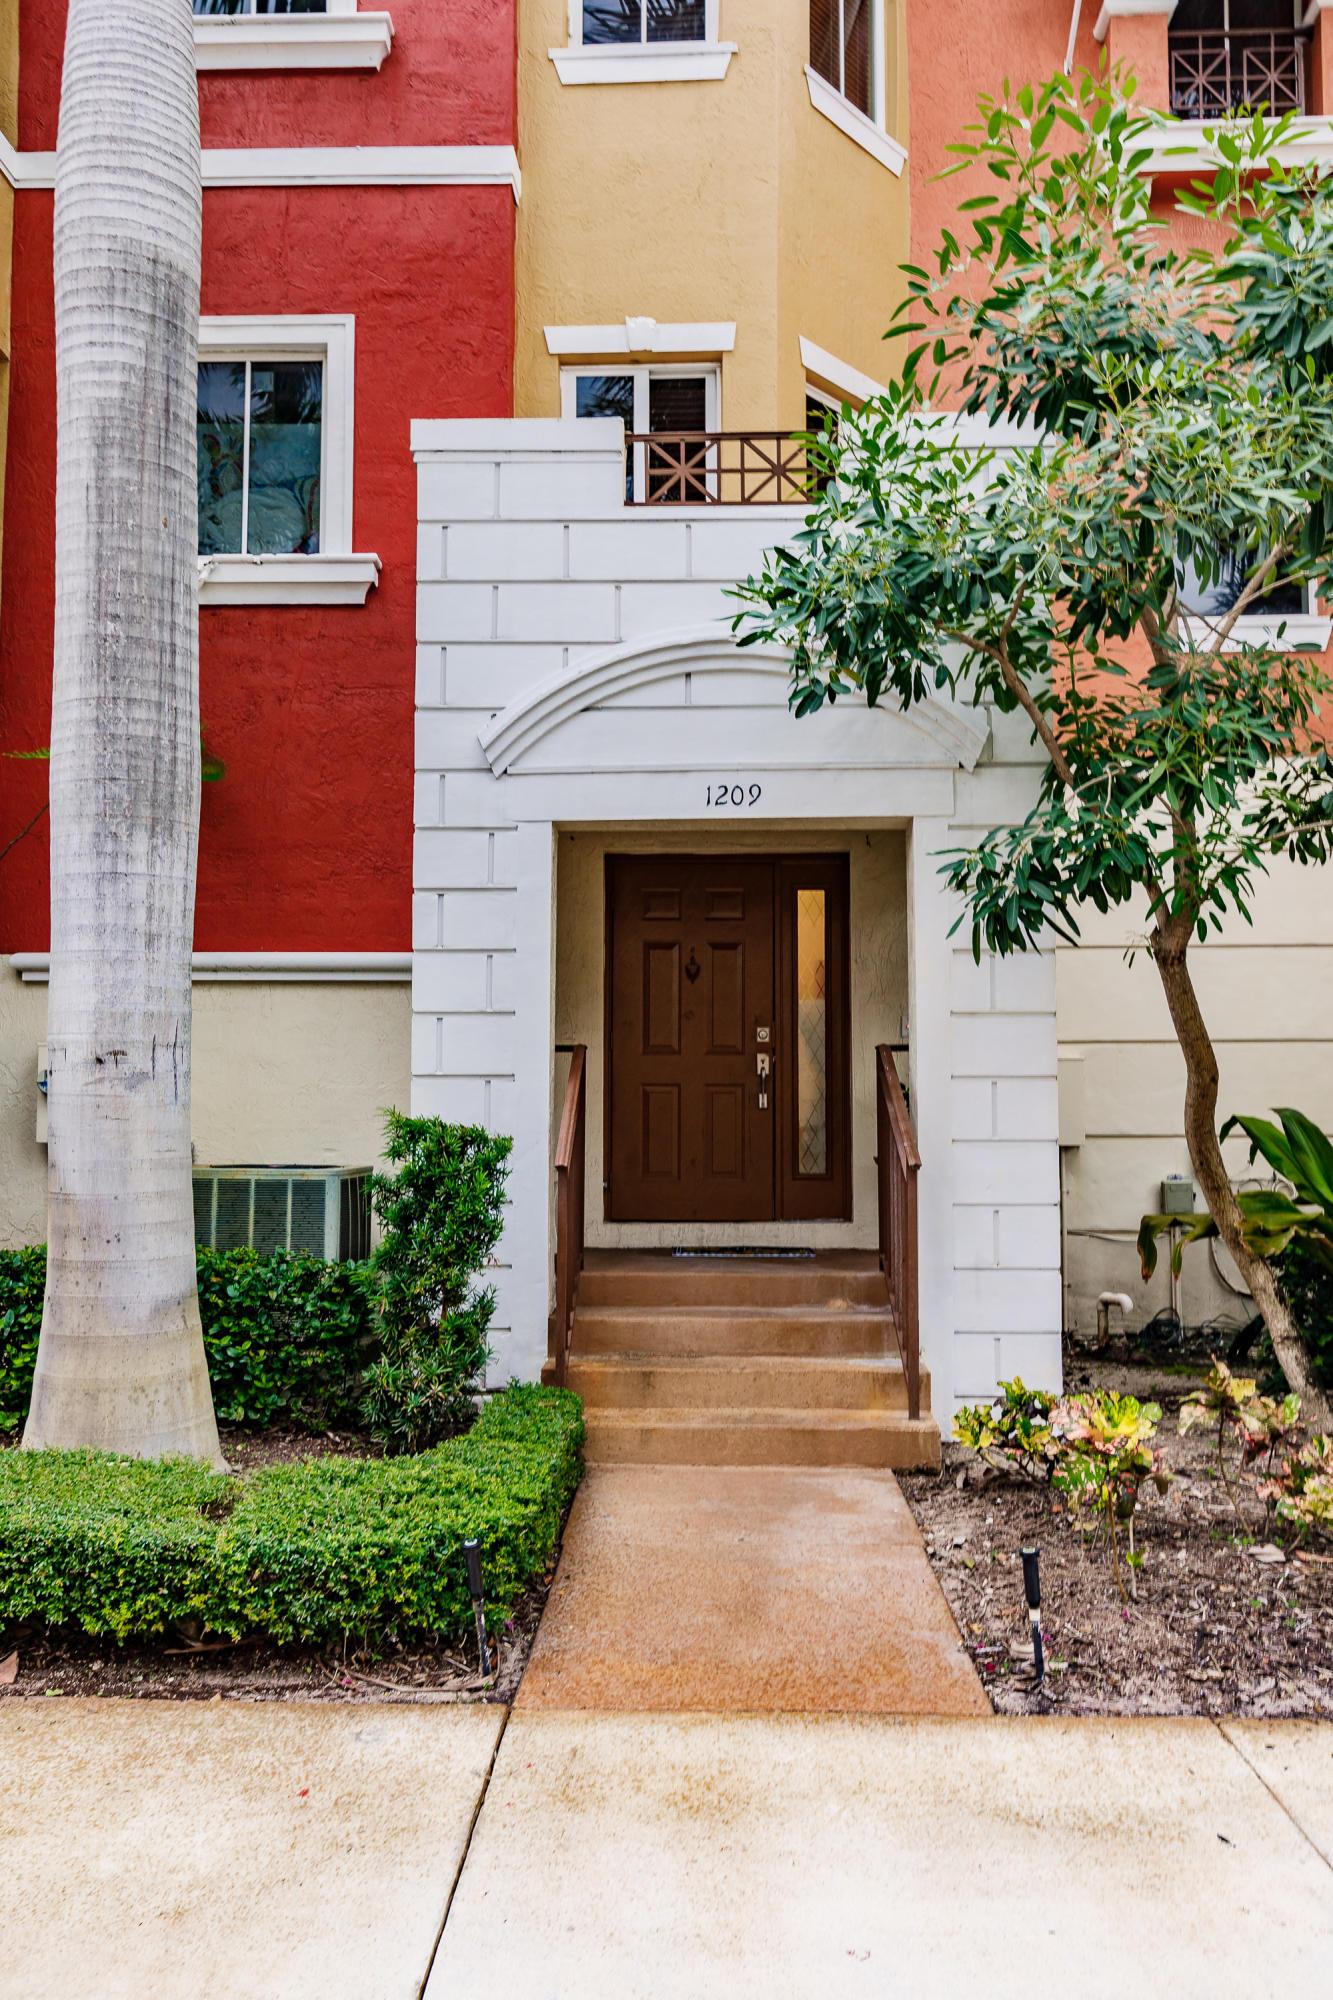 Home for sale in Coastal Bay Boynton Beach Florida